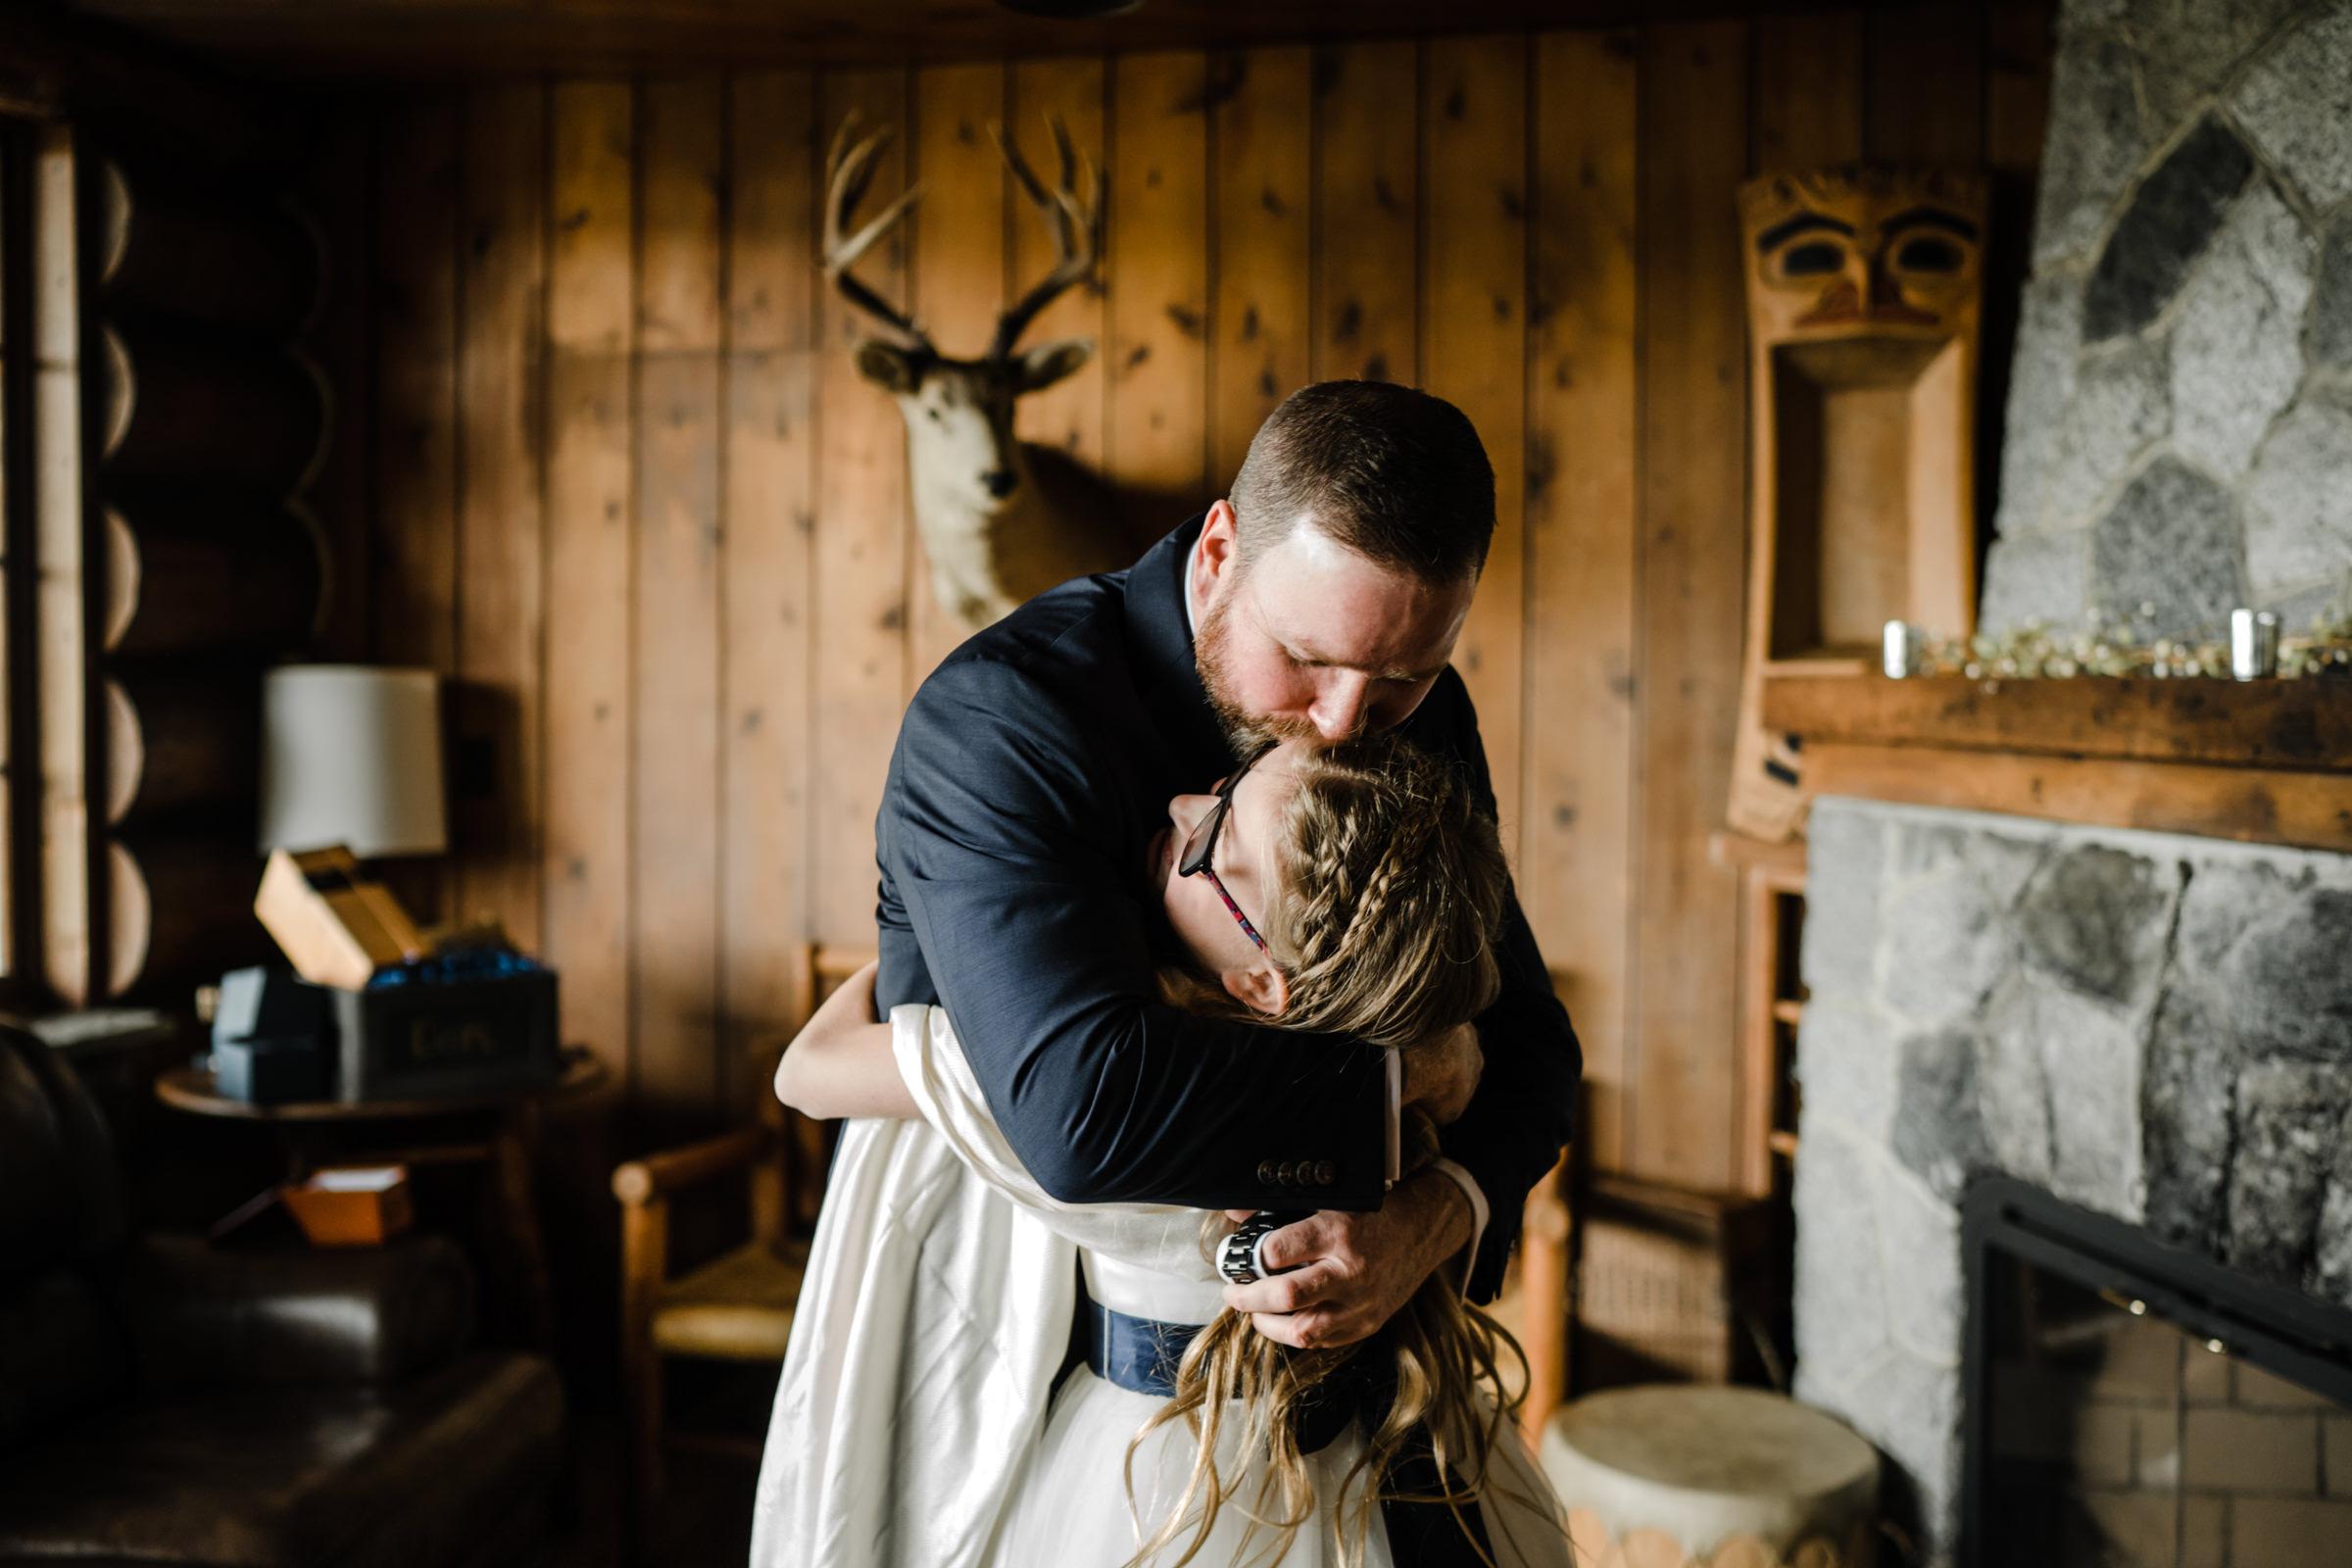 Dad and daughter share an emotional hug - photo by Sasha Reiko Photography